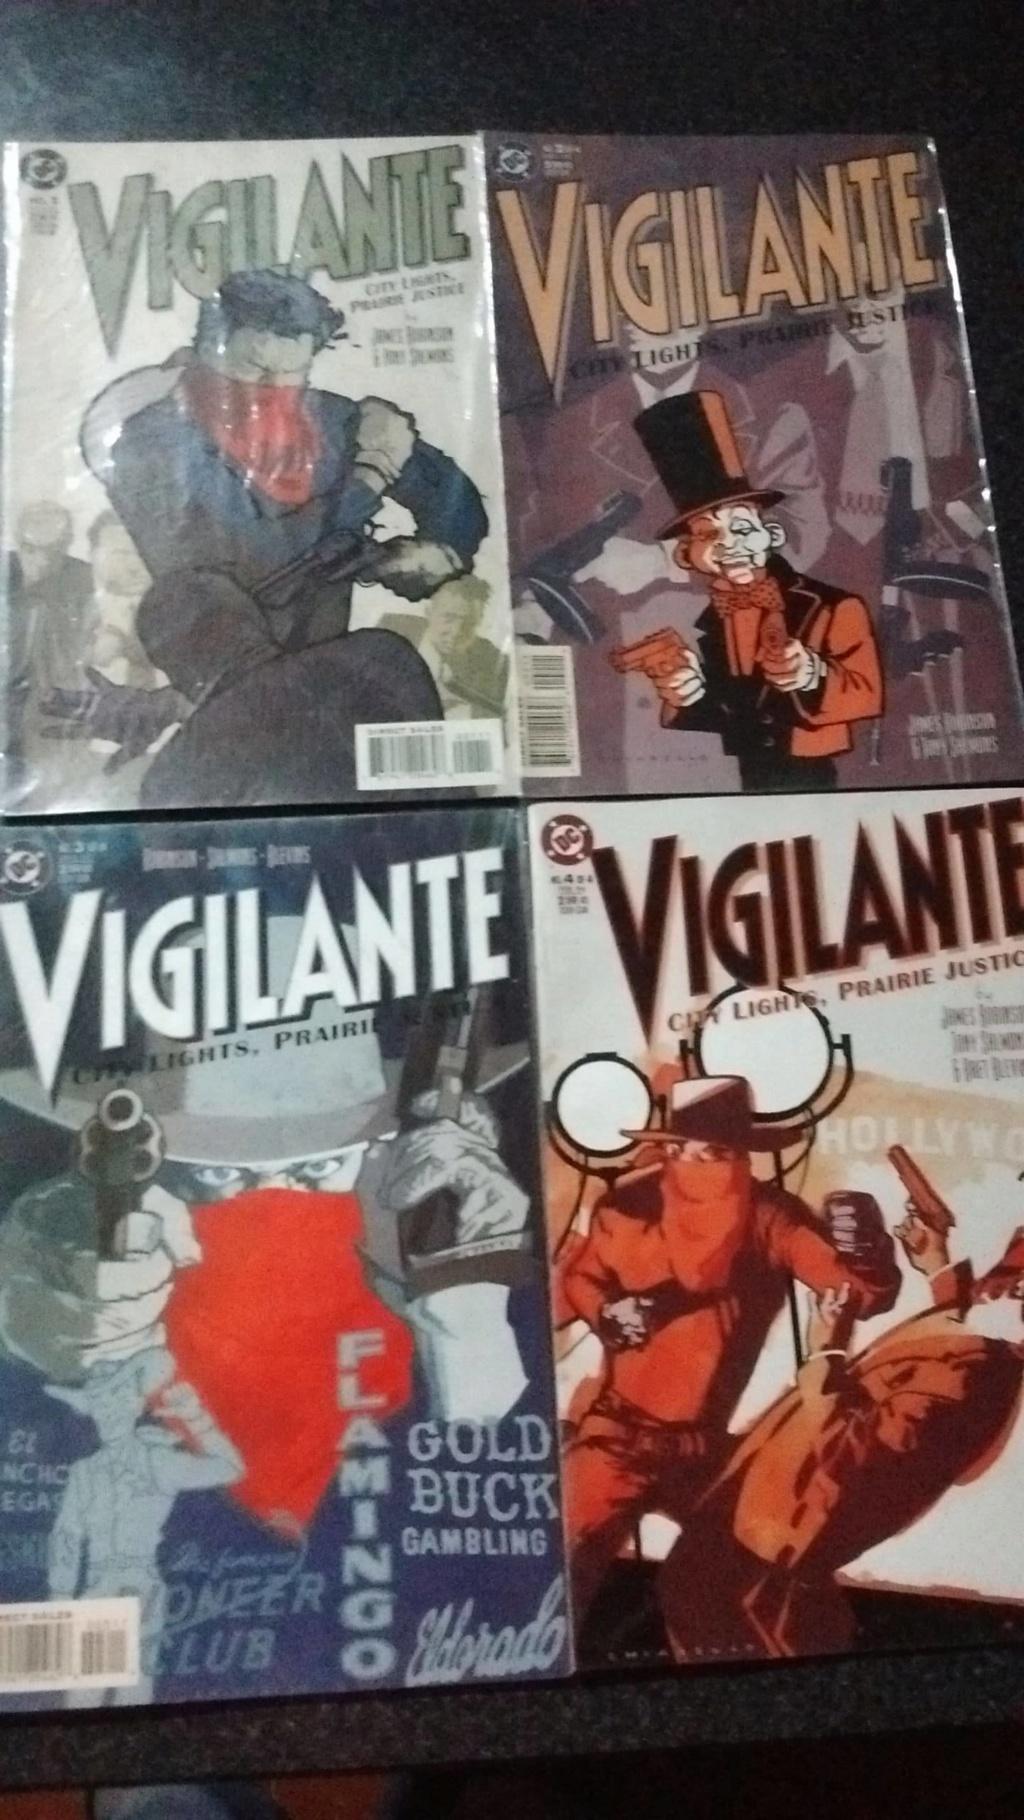 [Comics] ¿Qué Cómics leí hoy? v2 - Página 34 Vigila10